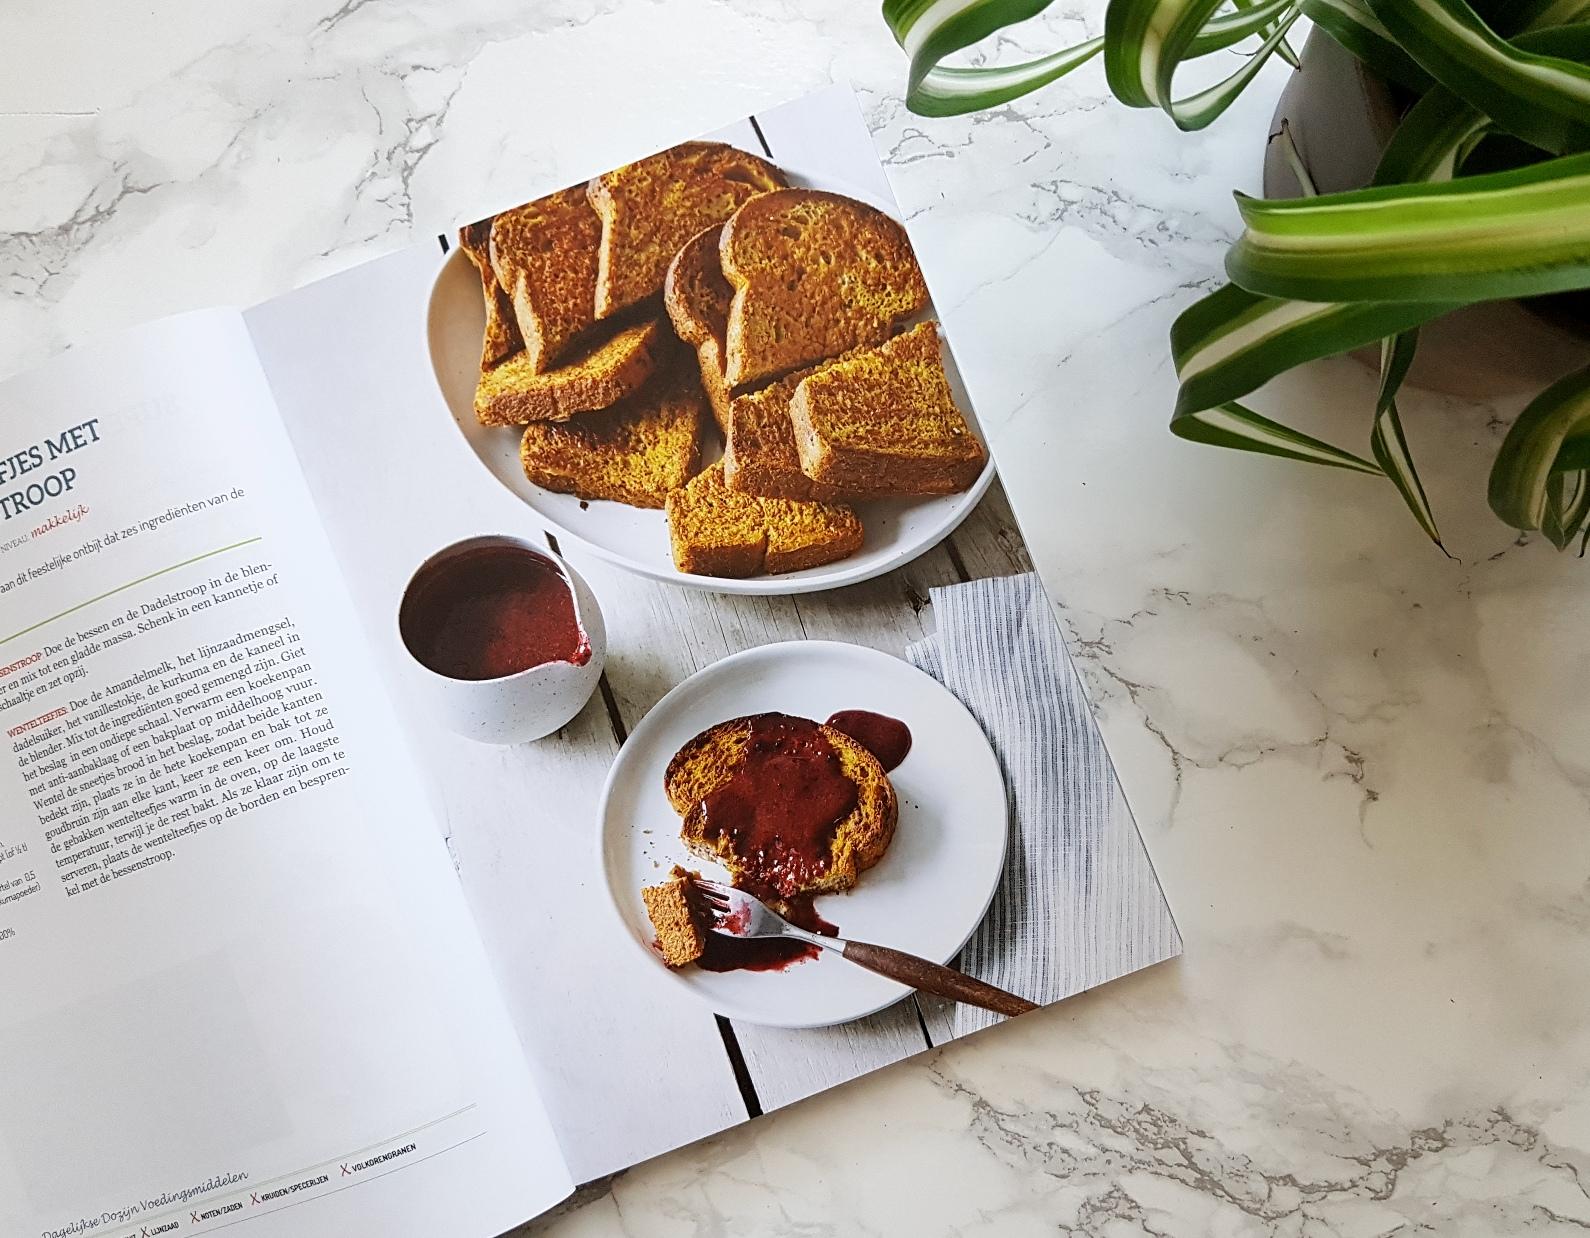 Hoe overleef je kookboek